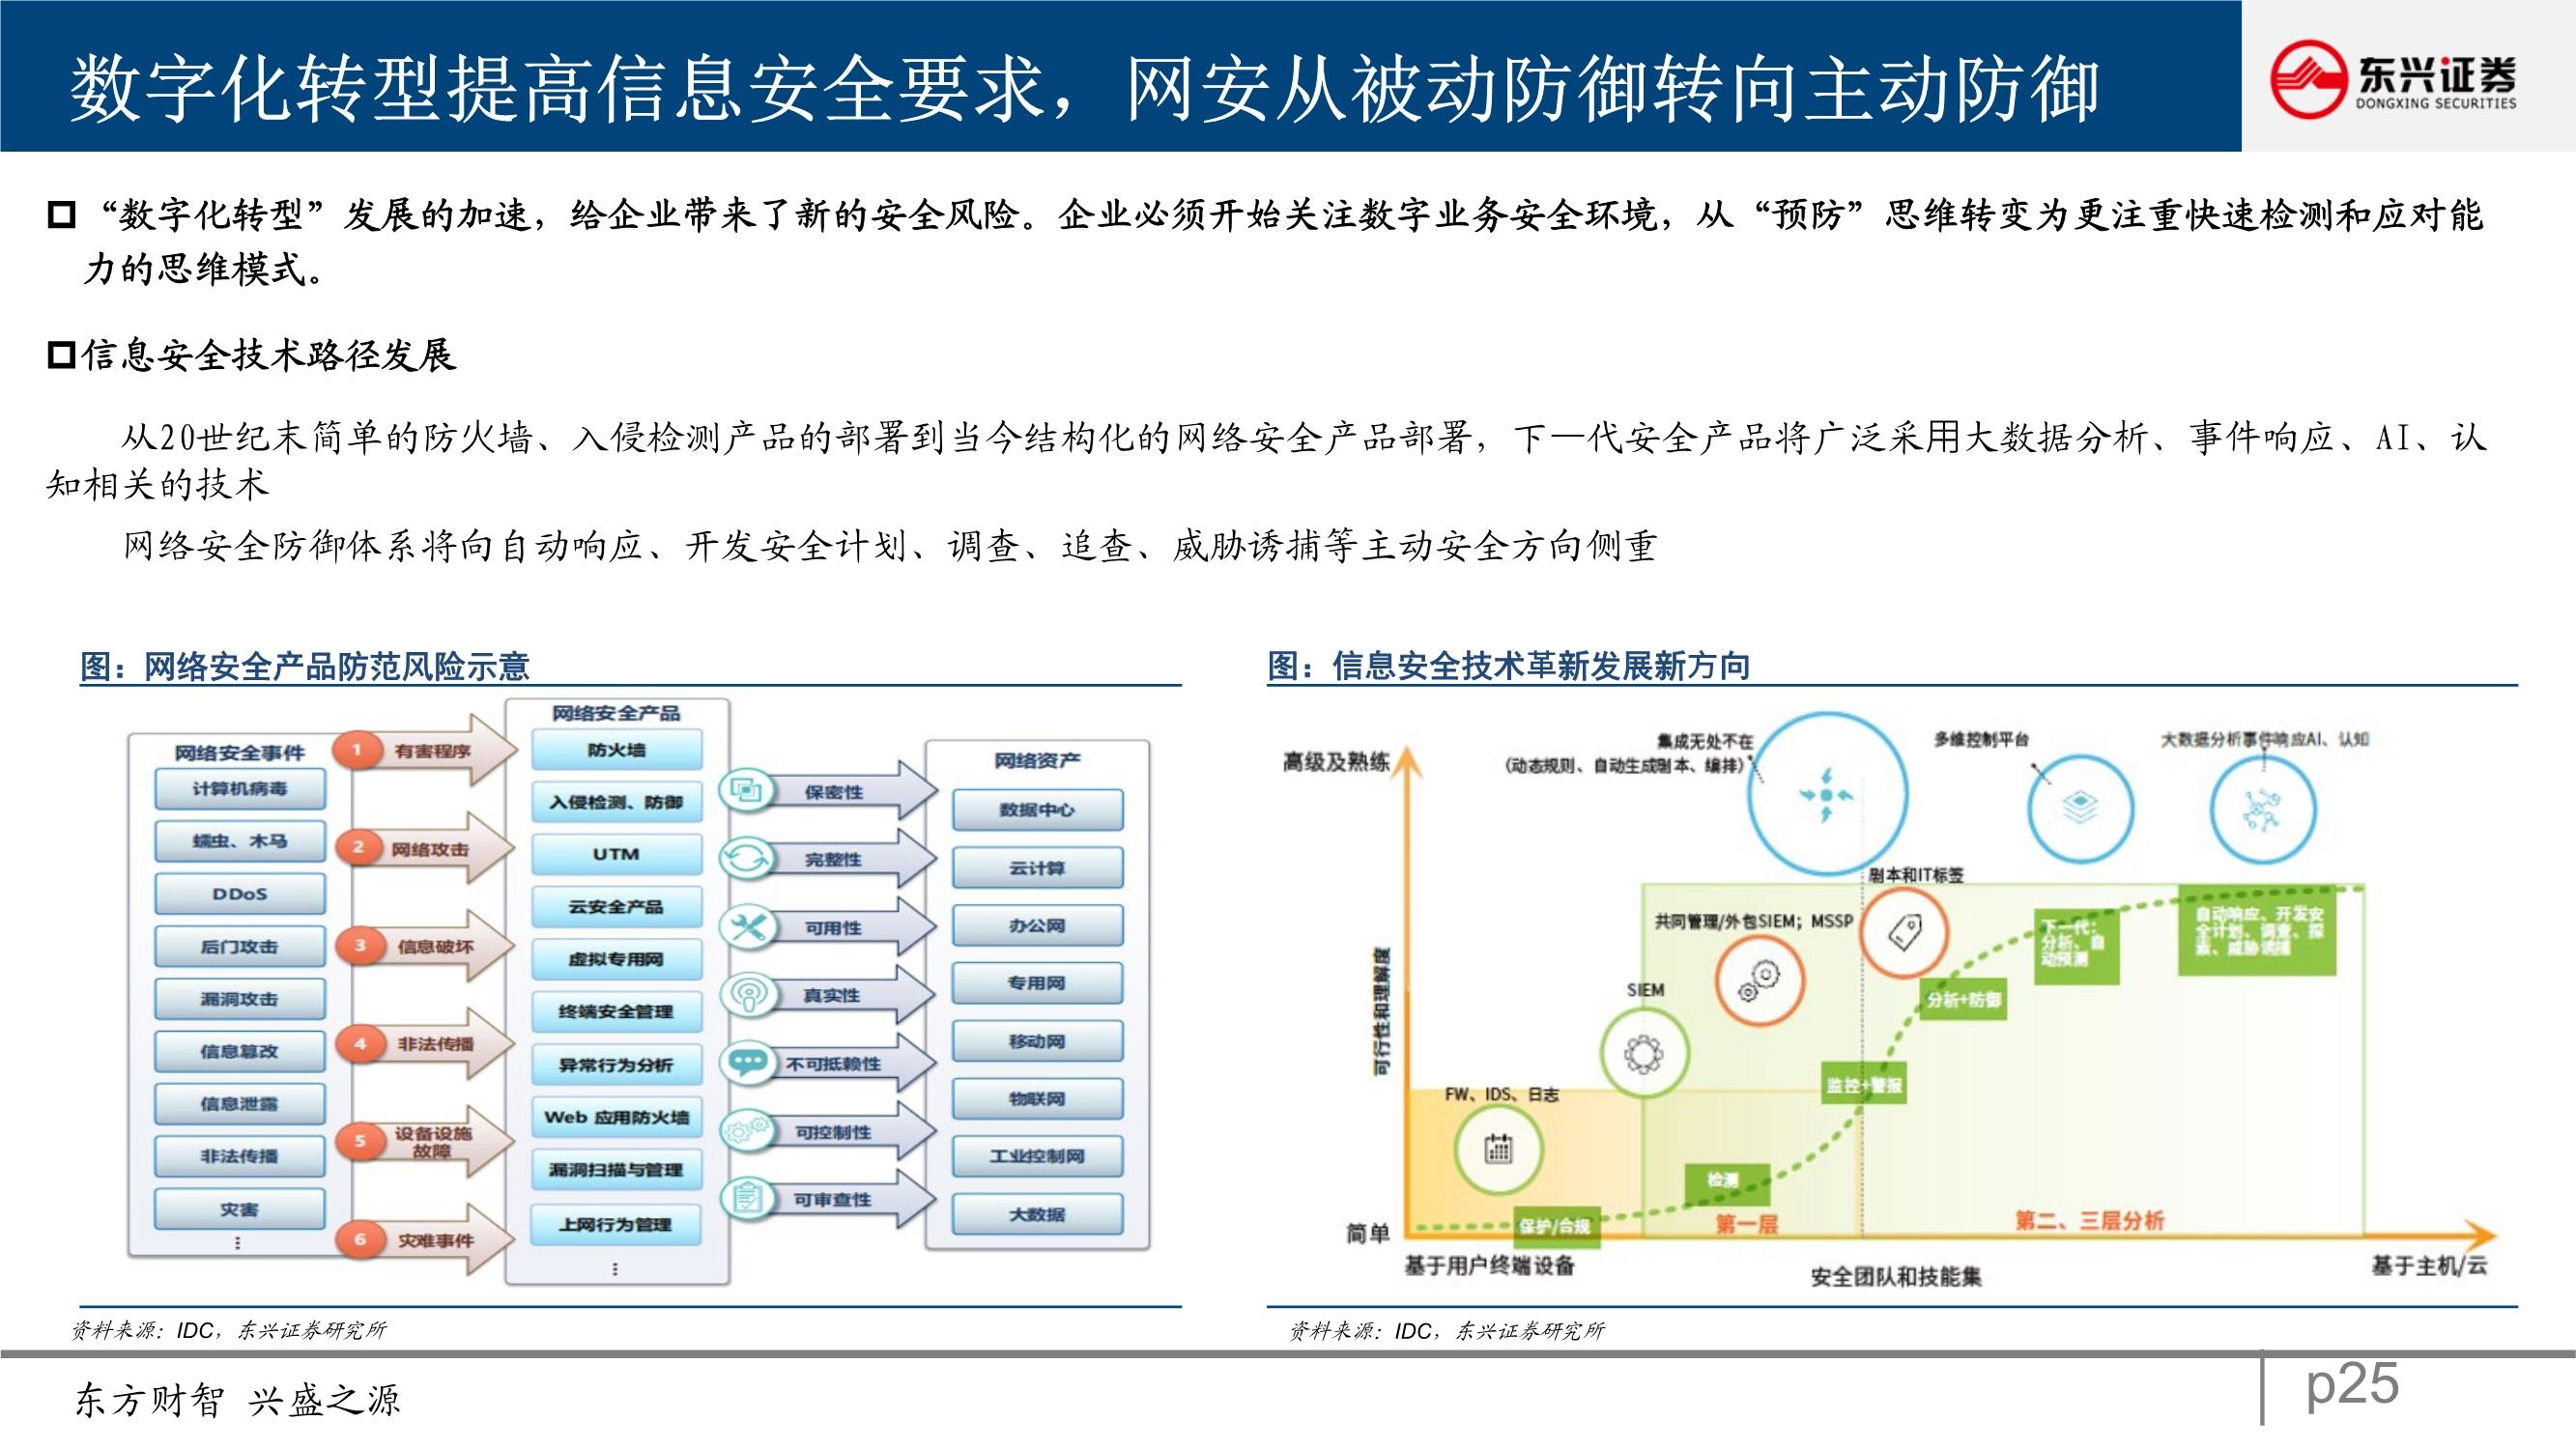 计算机行业策略展望:估值驱动转向业绩驱动,把握顺周期行情